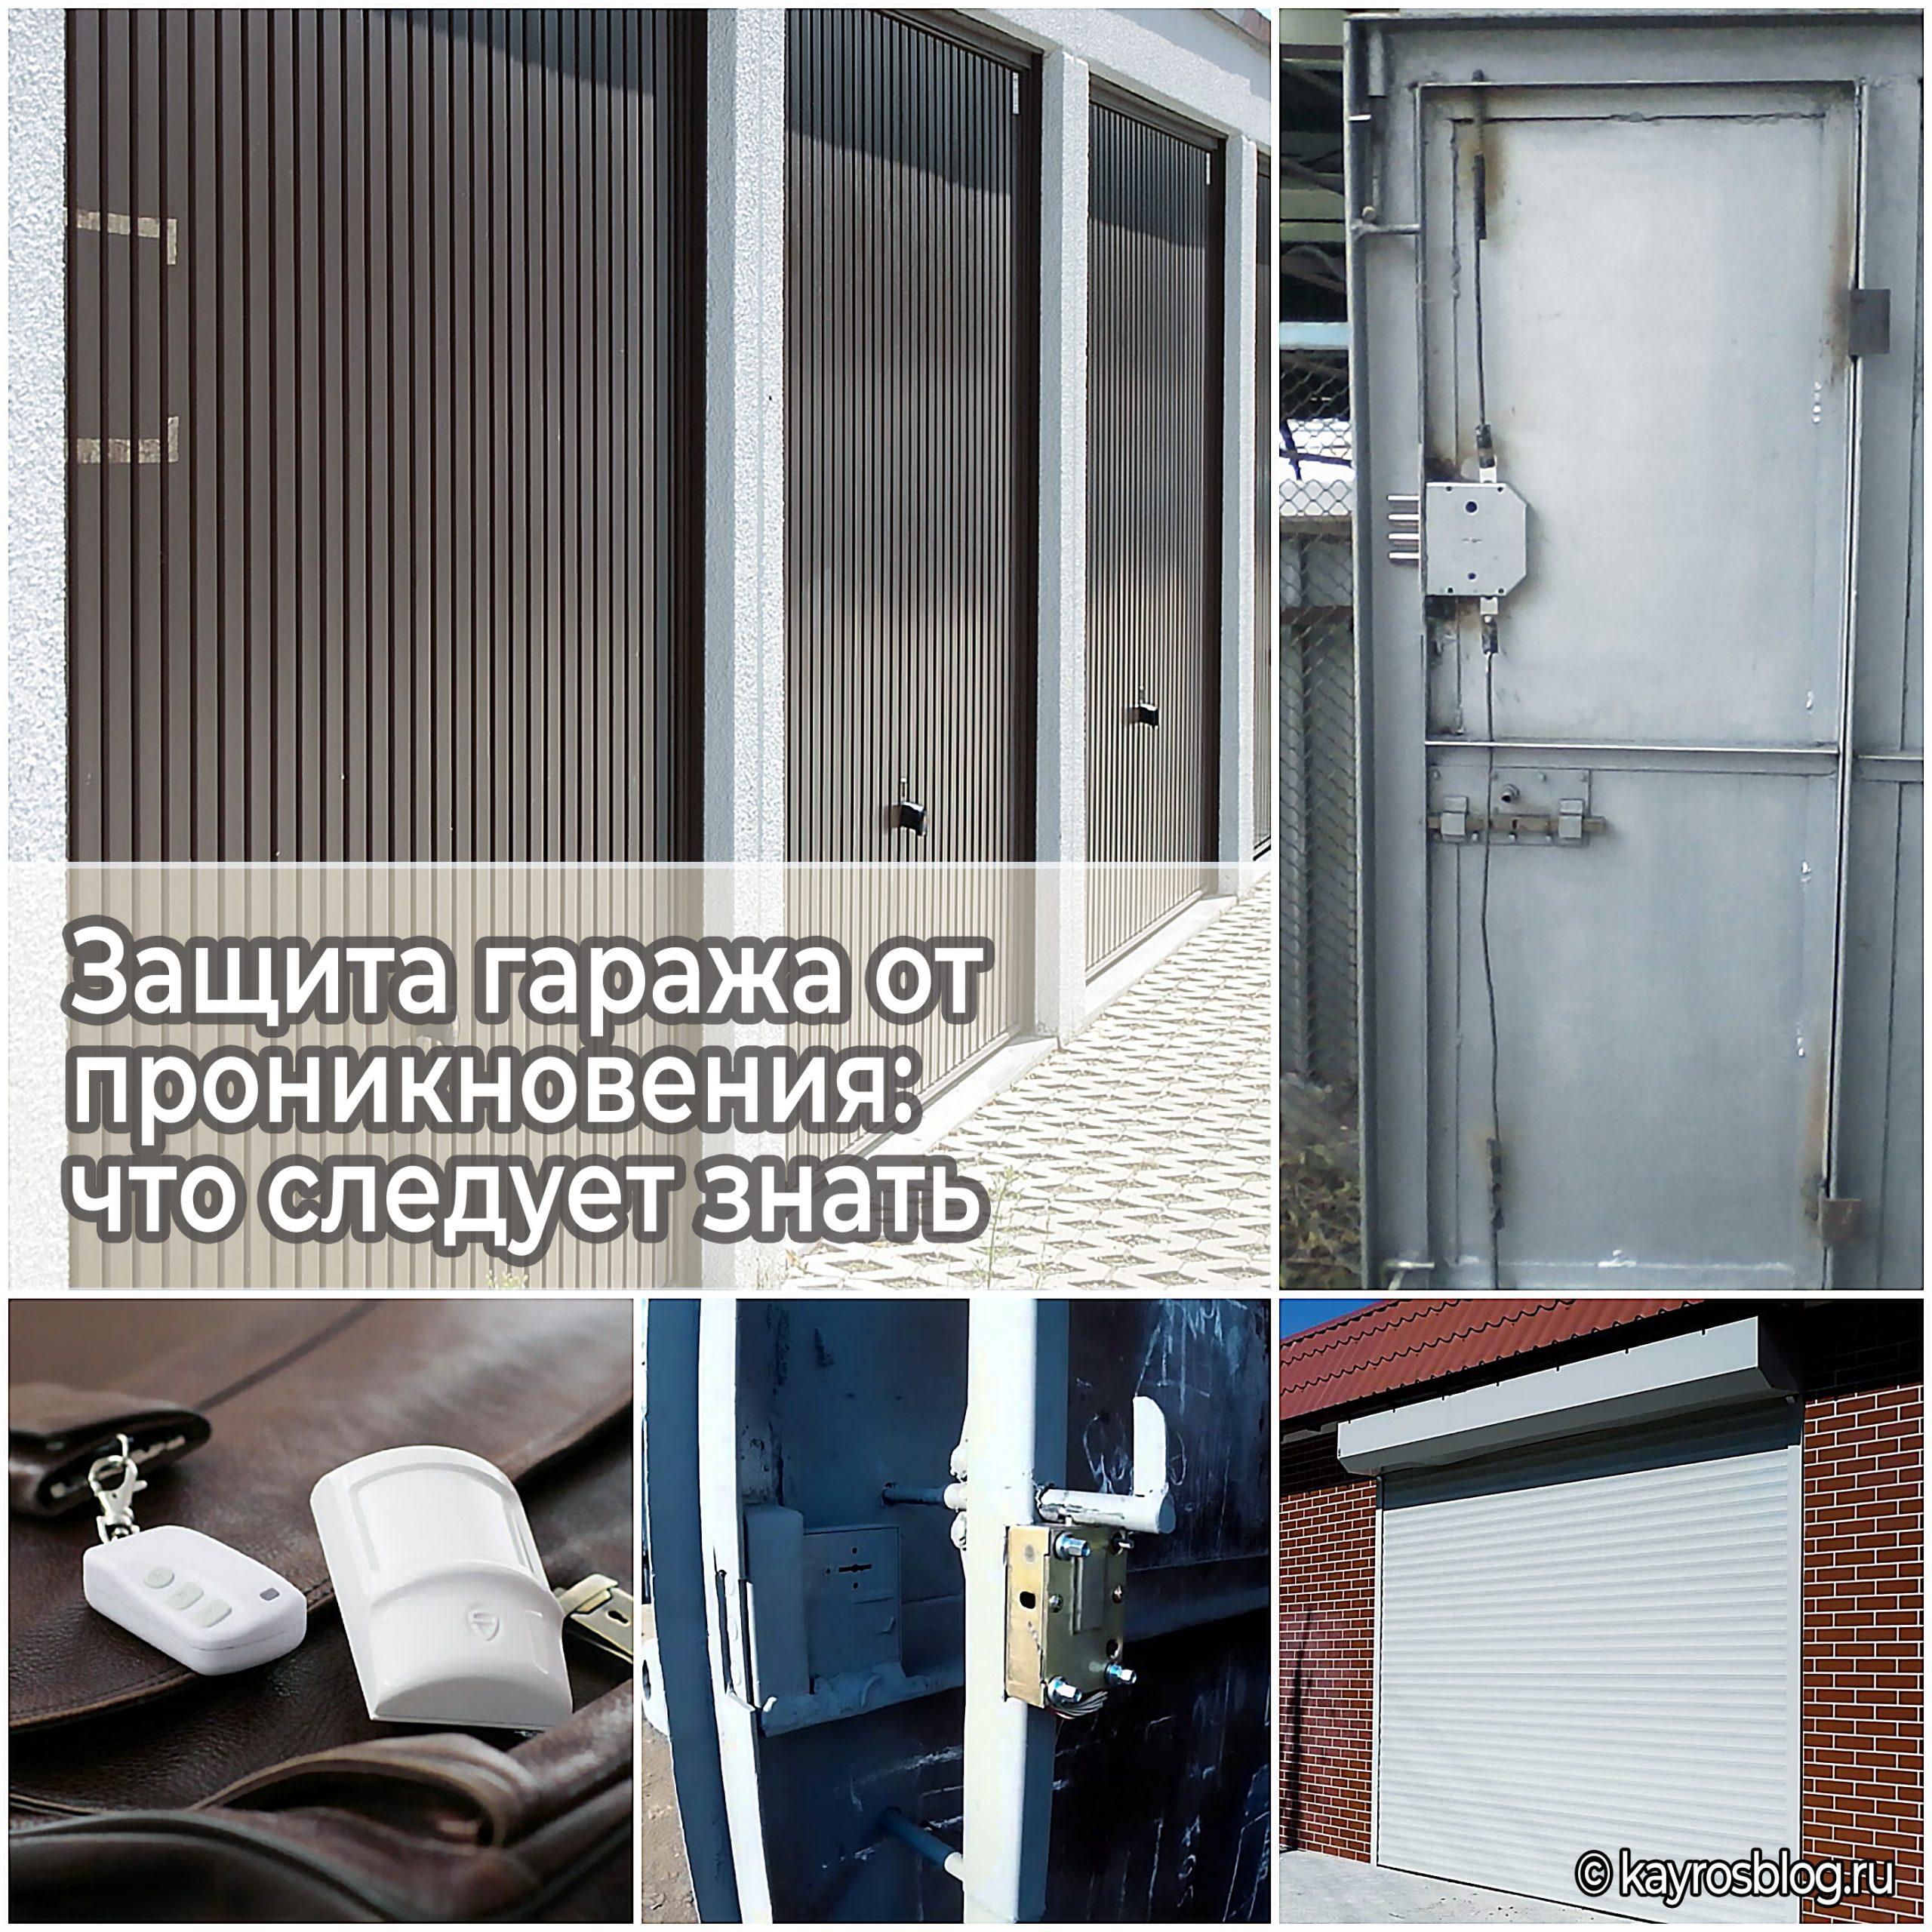 Защита гаража от проникновения что следует знать